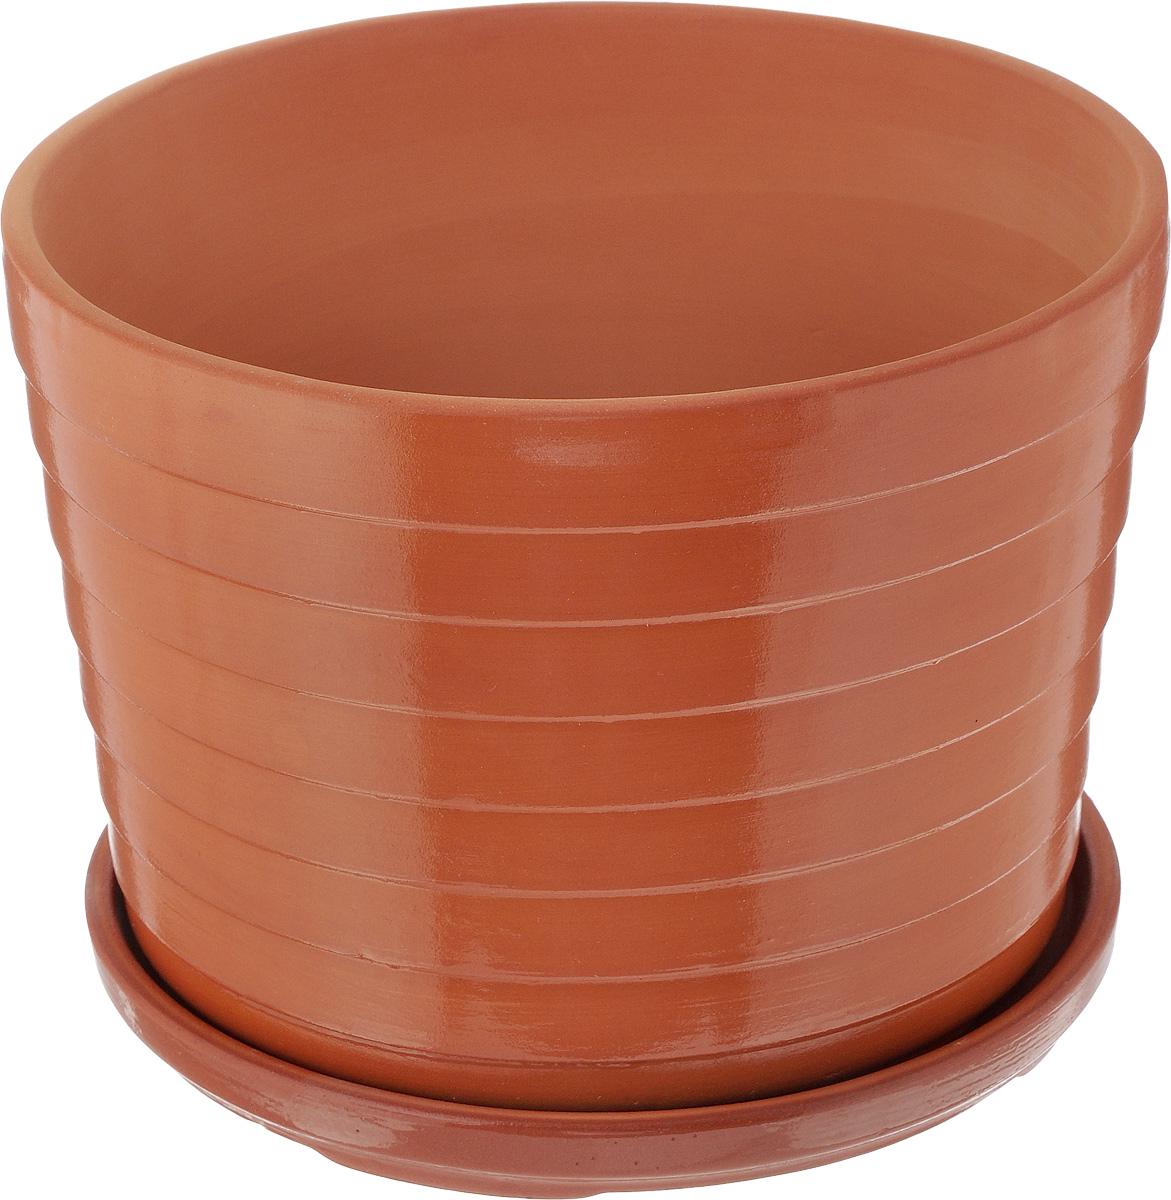 Горшок для цветов Ломоносовская керамика Риф, с поддоном, 3,5 л3Цр3-3Горшок Ломоносовская керамика Риф изготовлен из высококачественной керамики и оснащен поддоном для стока воды. Изделие прекрасно подойдет для выращивания растений дома и на приусадебных участках.Диаметр (по верхнему краю): 22 см. Высота (с поддоном): 16 см. Размер поддона: 21 х 21 х 2 см.